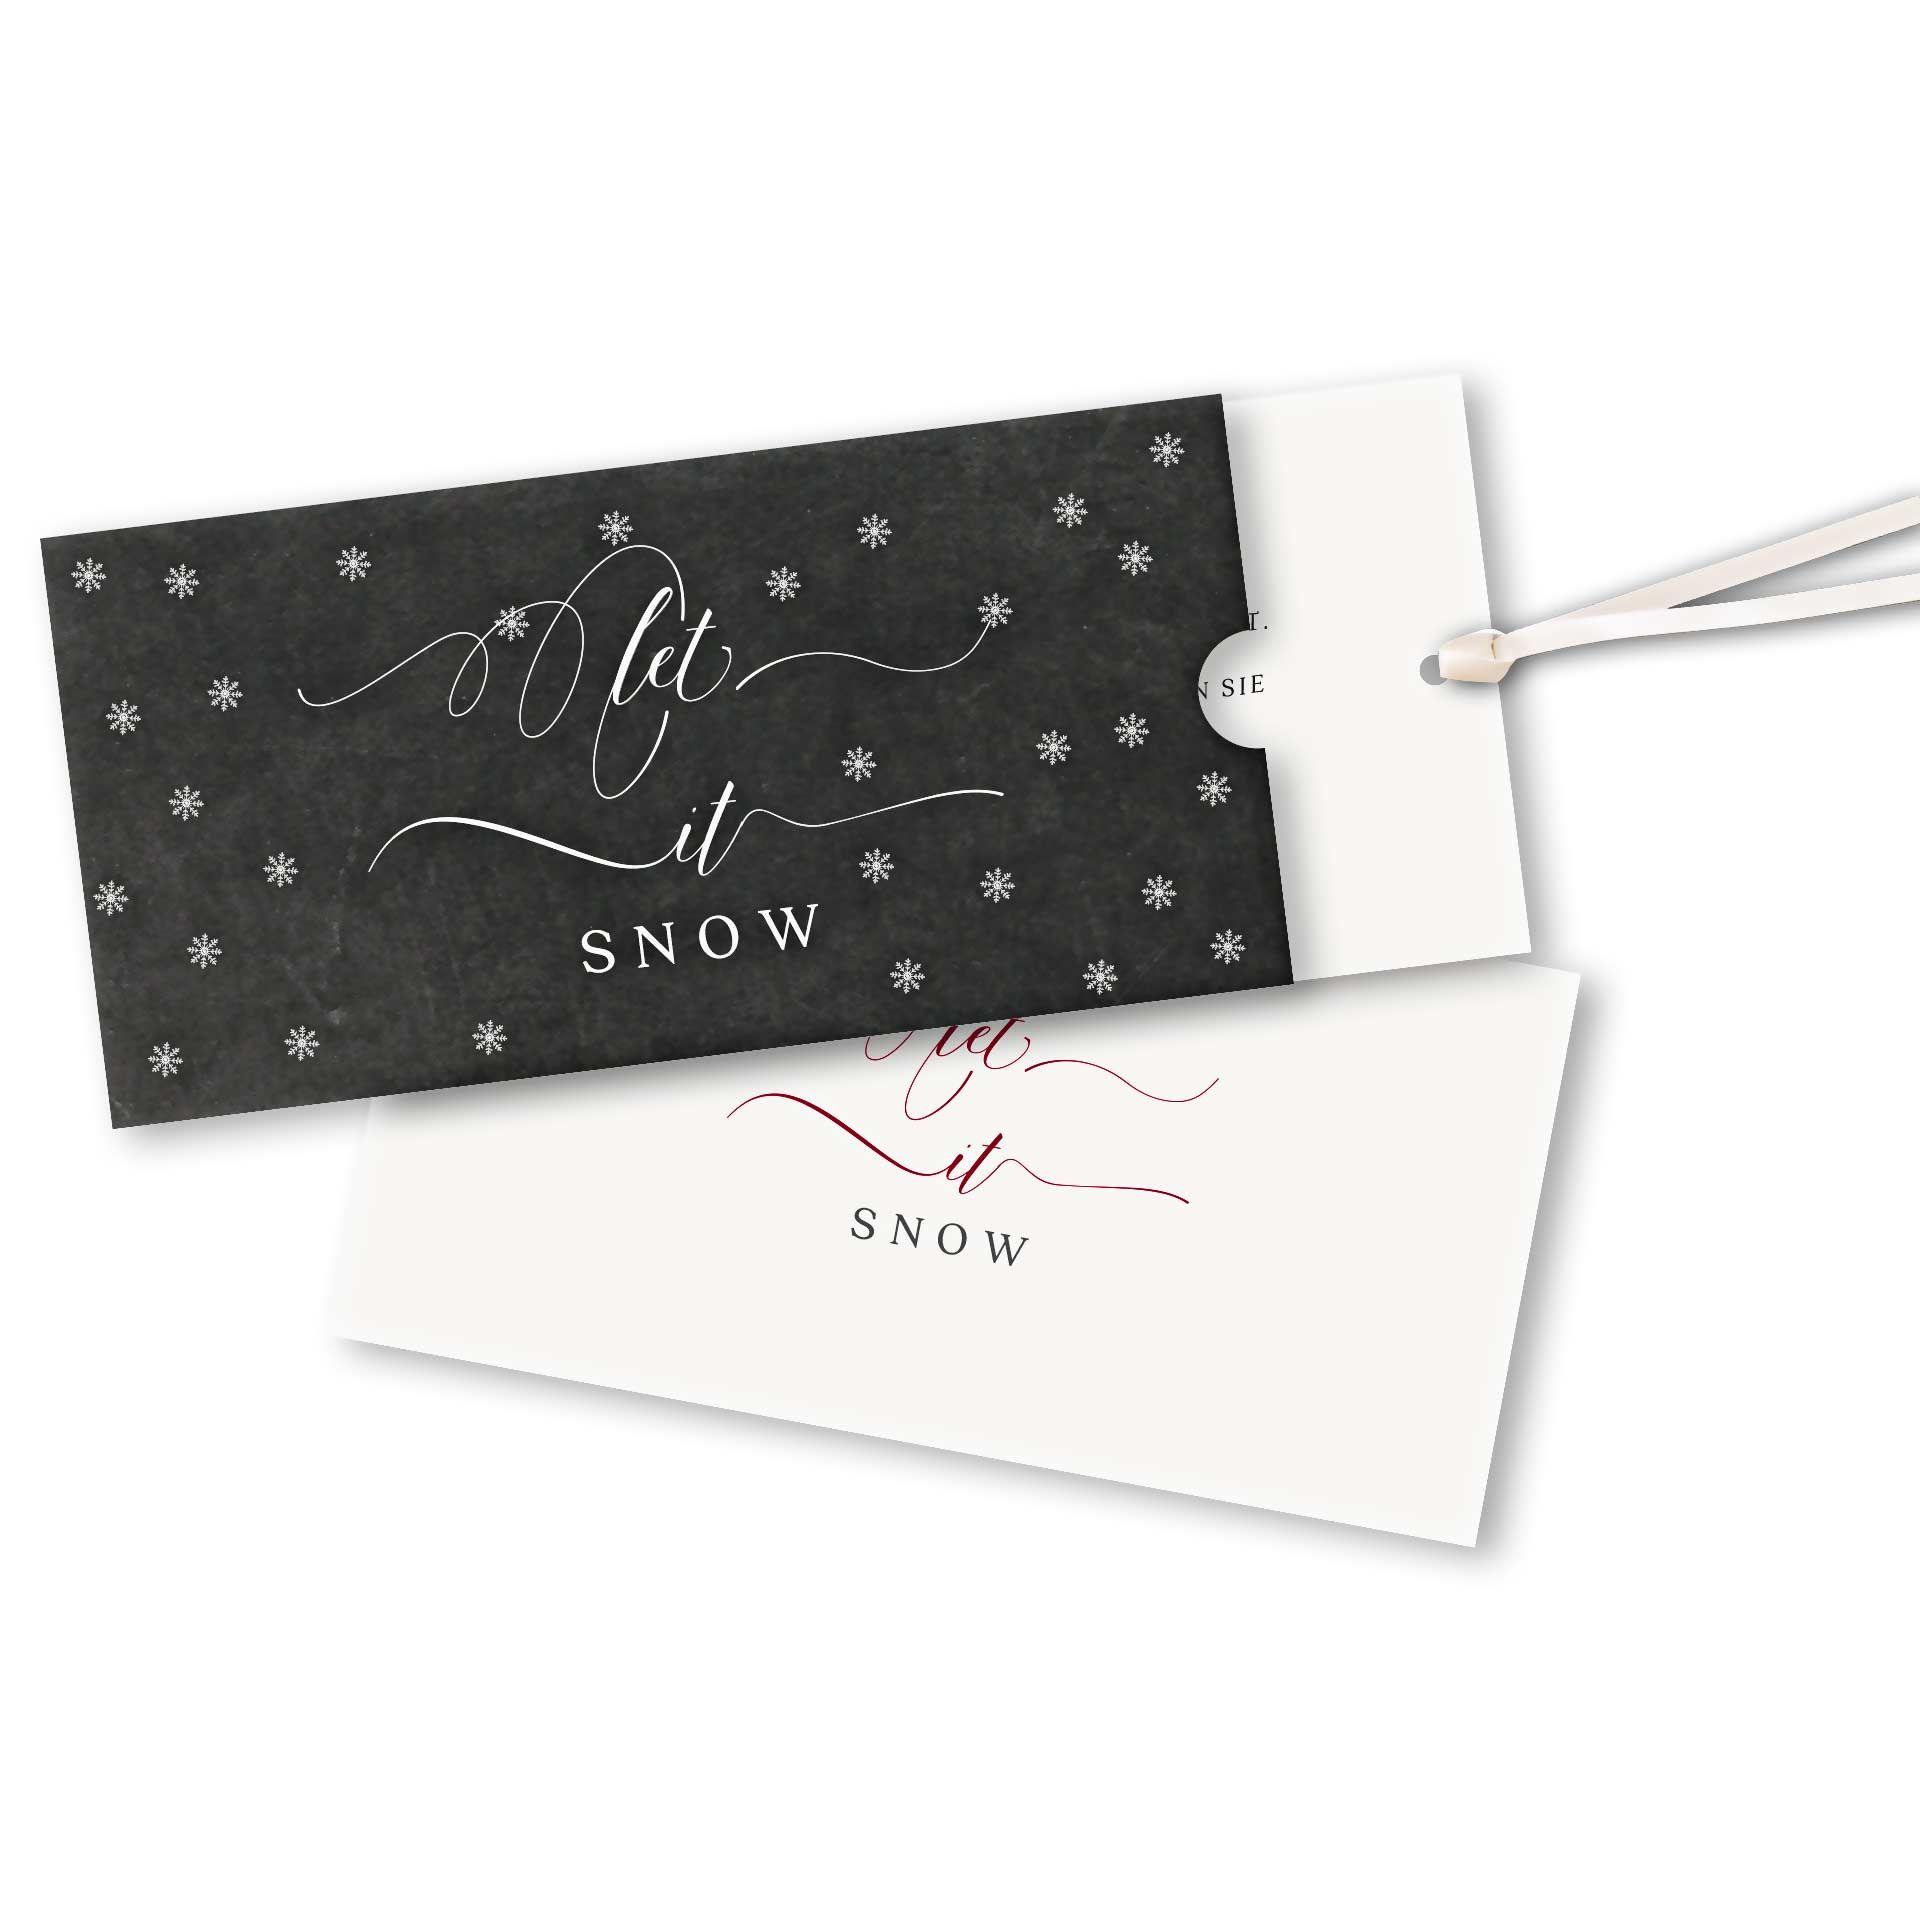 Einlegeblätter Für Weihnachtskarten.Weihnachtskarten Schuberkarte Mit Einlegeblatt Und Satinband